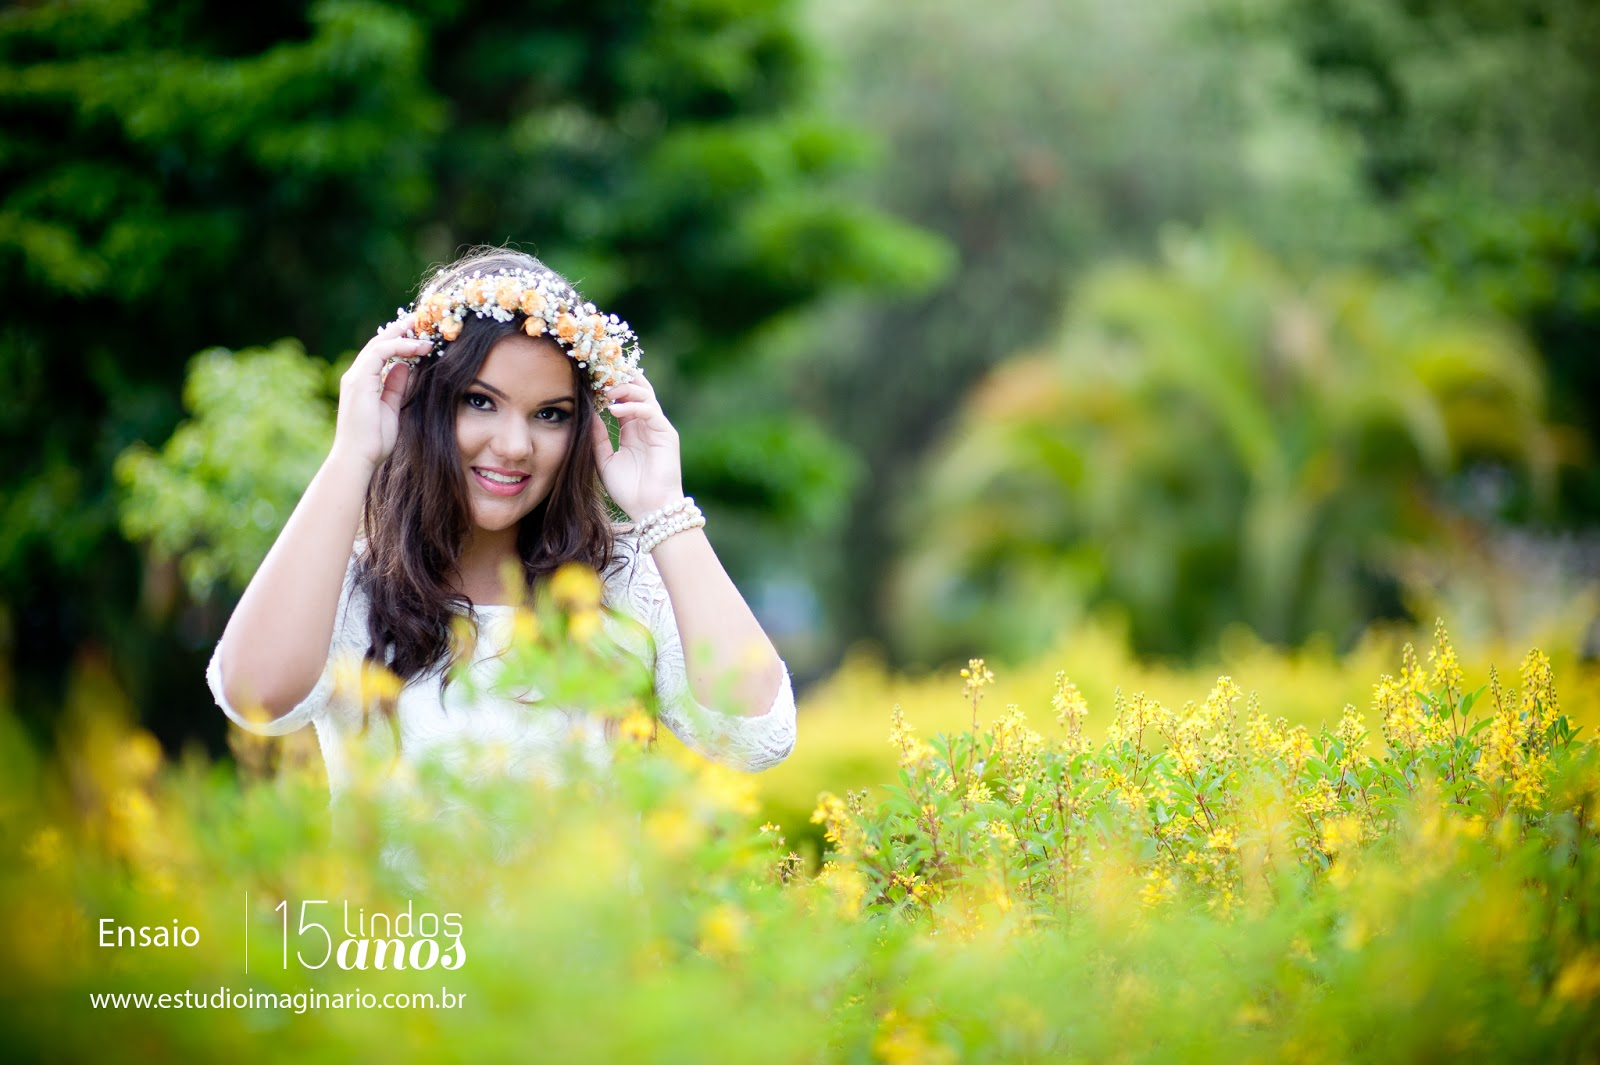 Conhecido Mariana | Fotos 15 anos BH - | Estúdio Imaginário Fotografias LC87